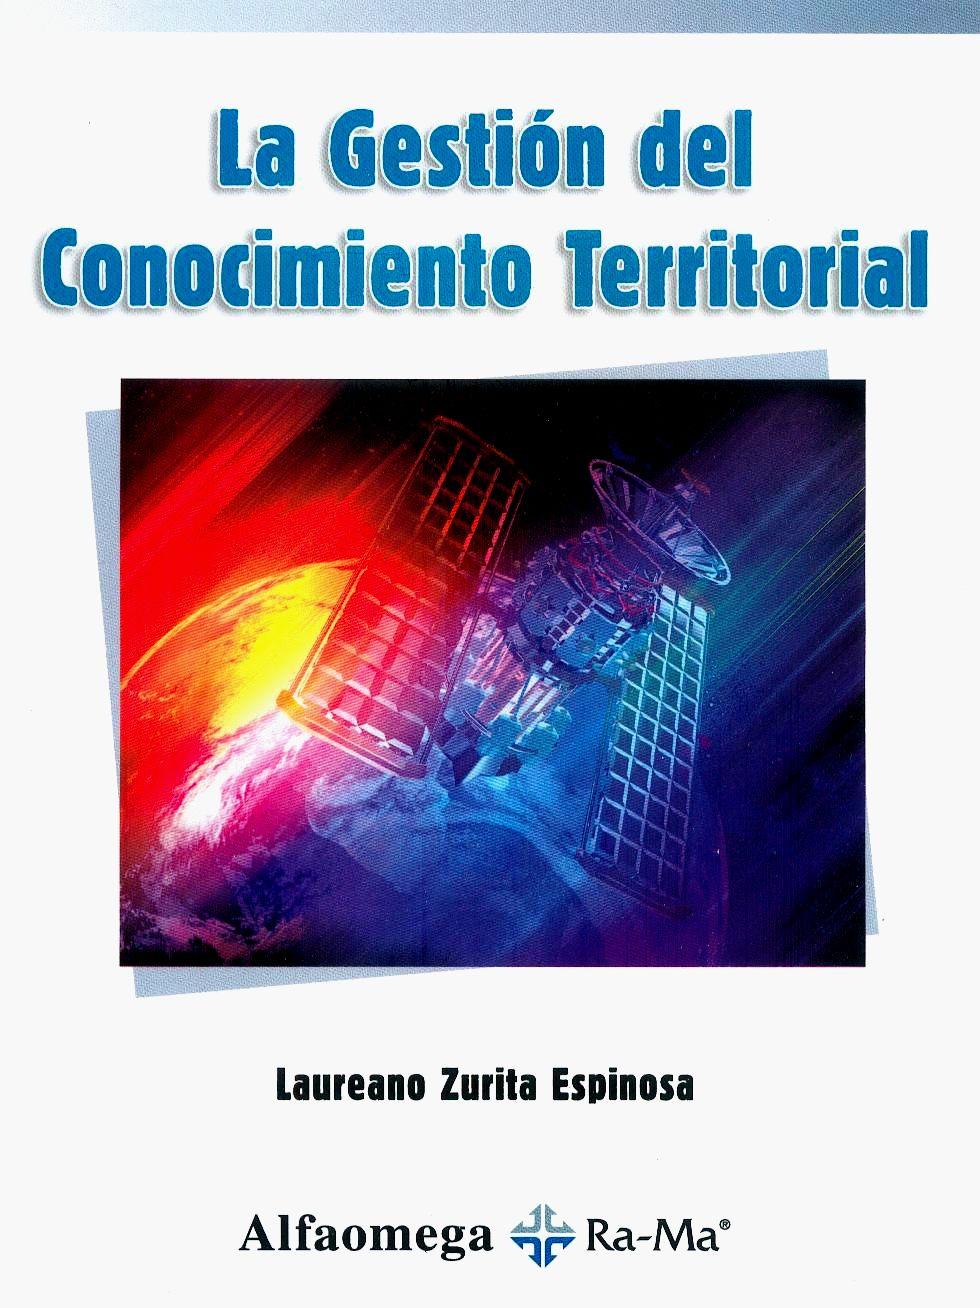 Tapa libro de Zurita